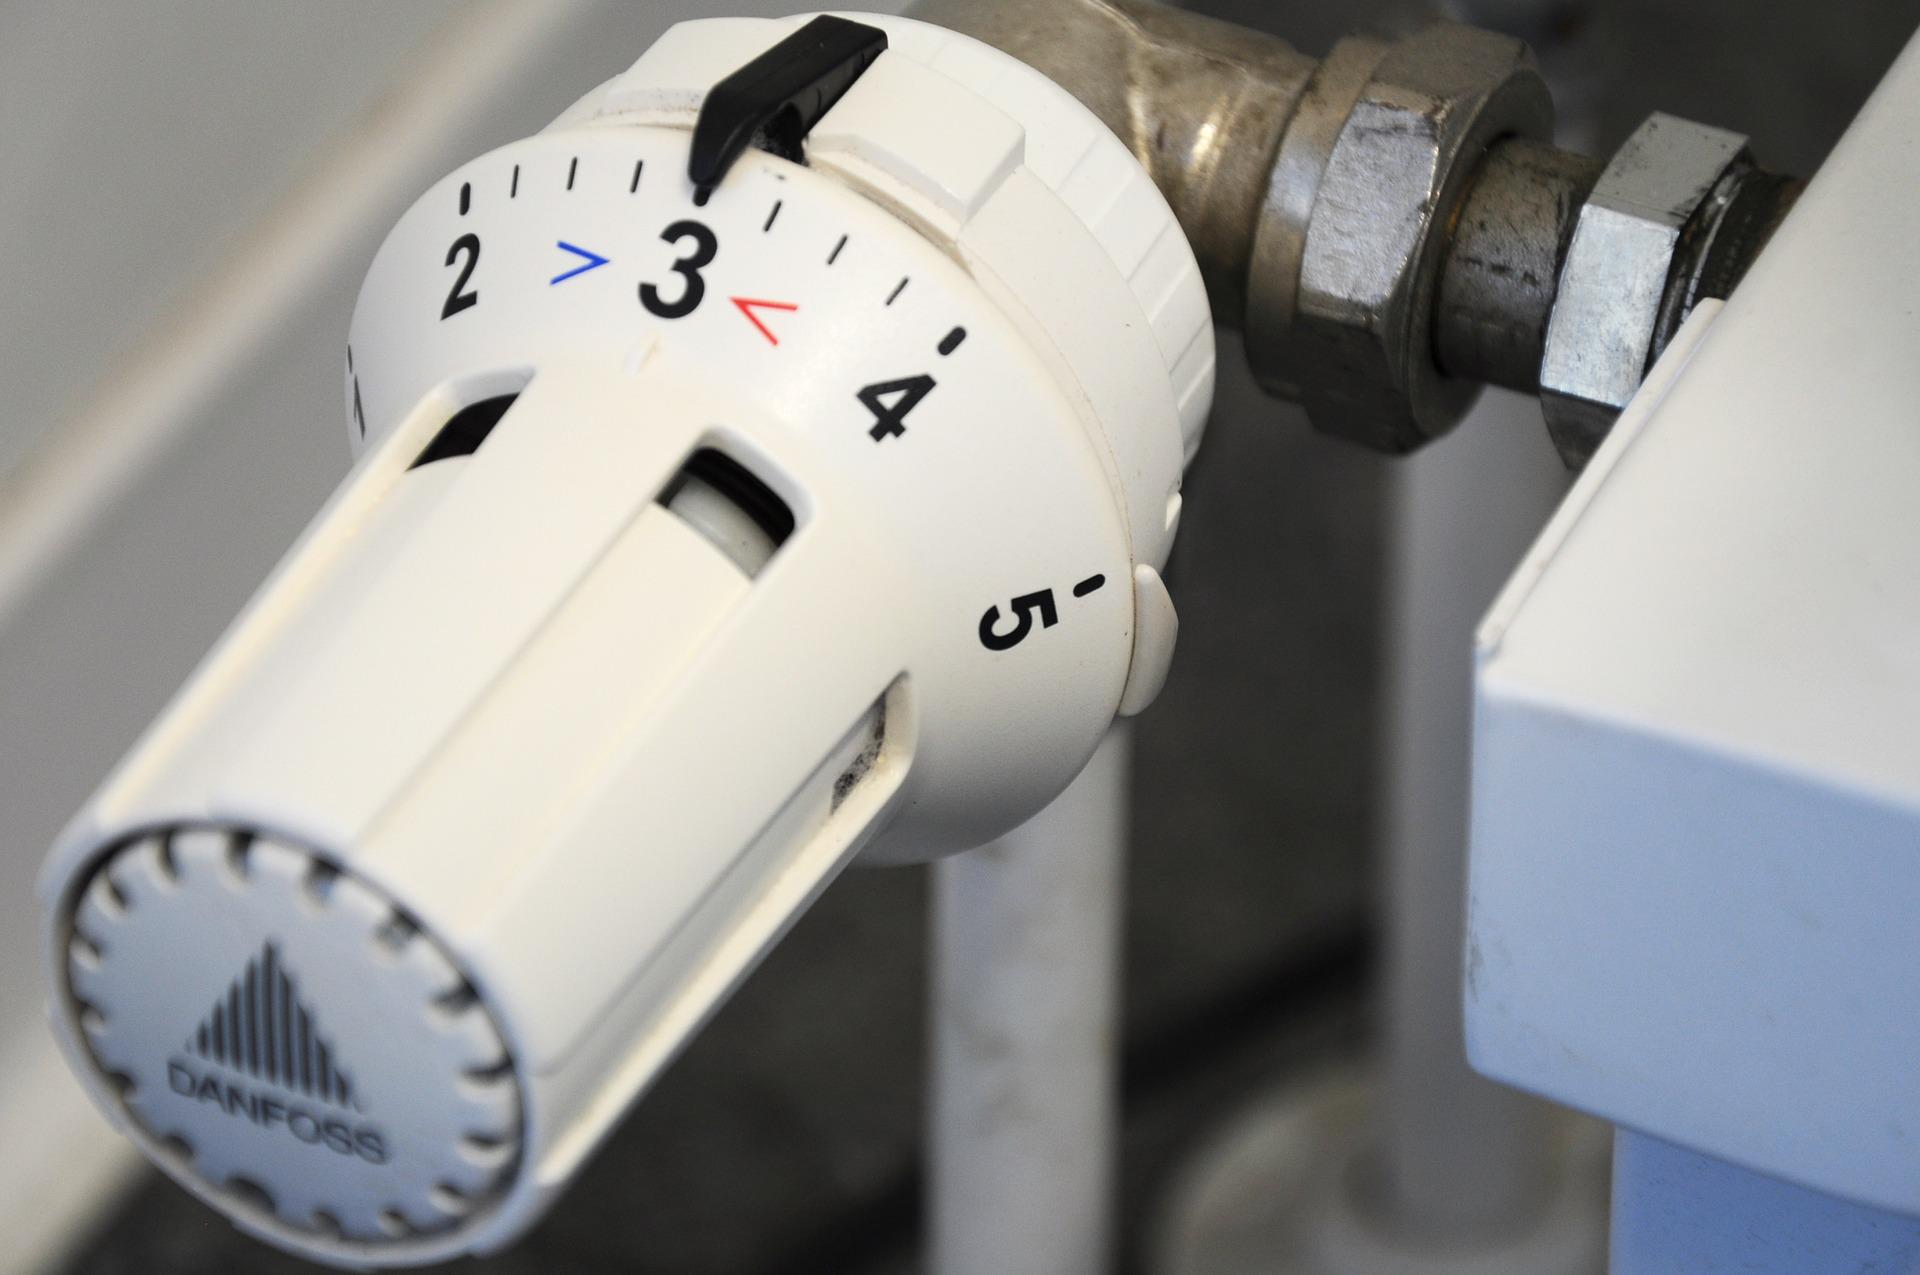 Cómo funcionan los acumuladores de calor